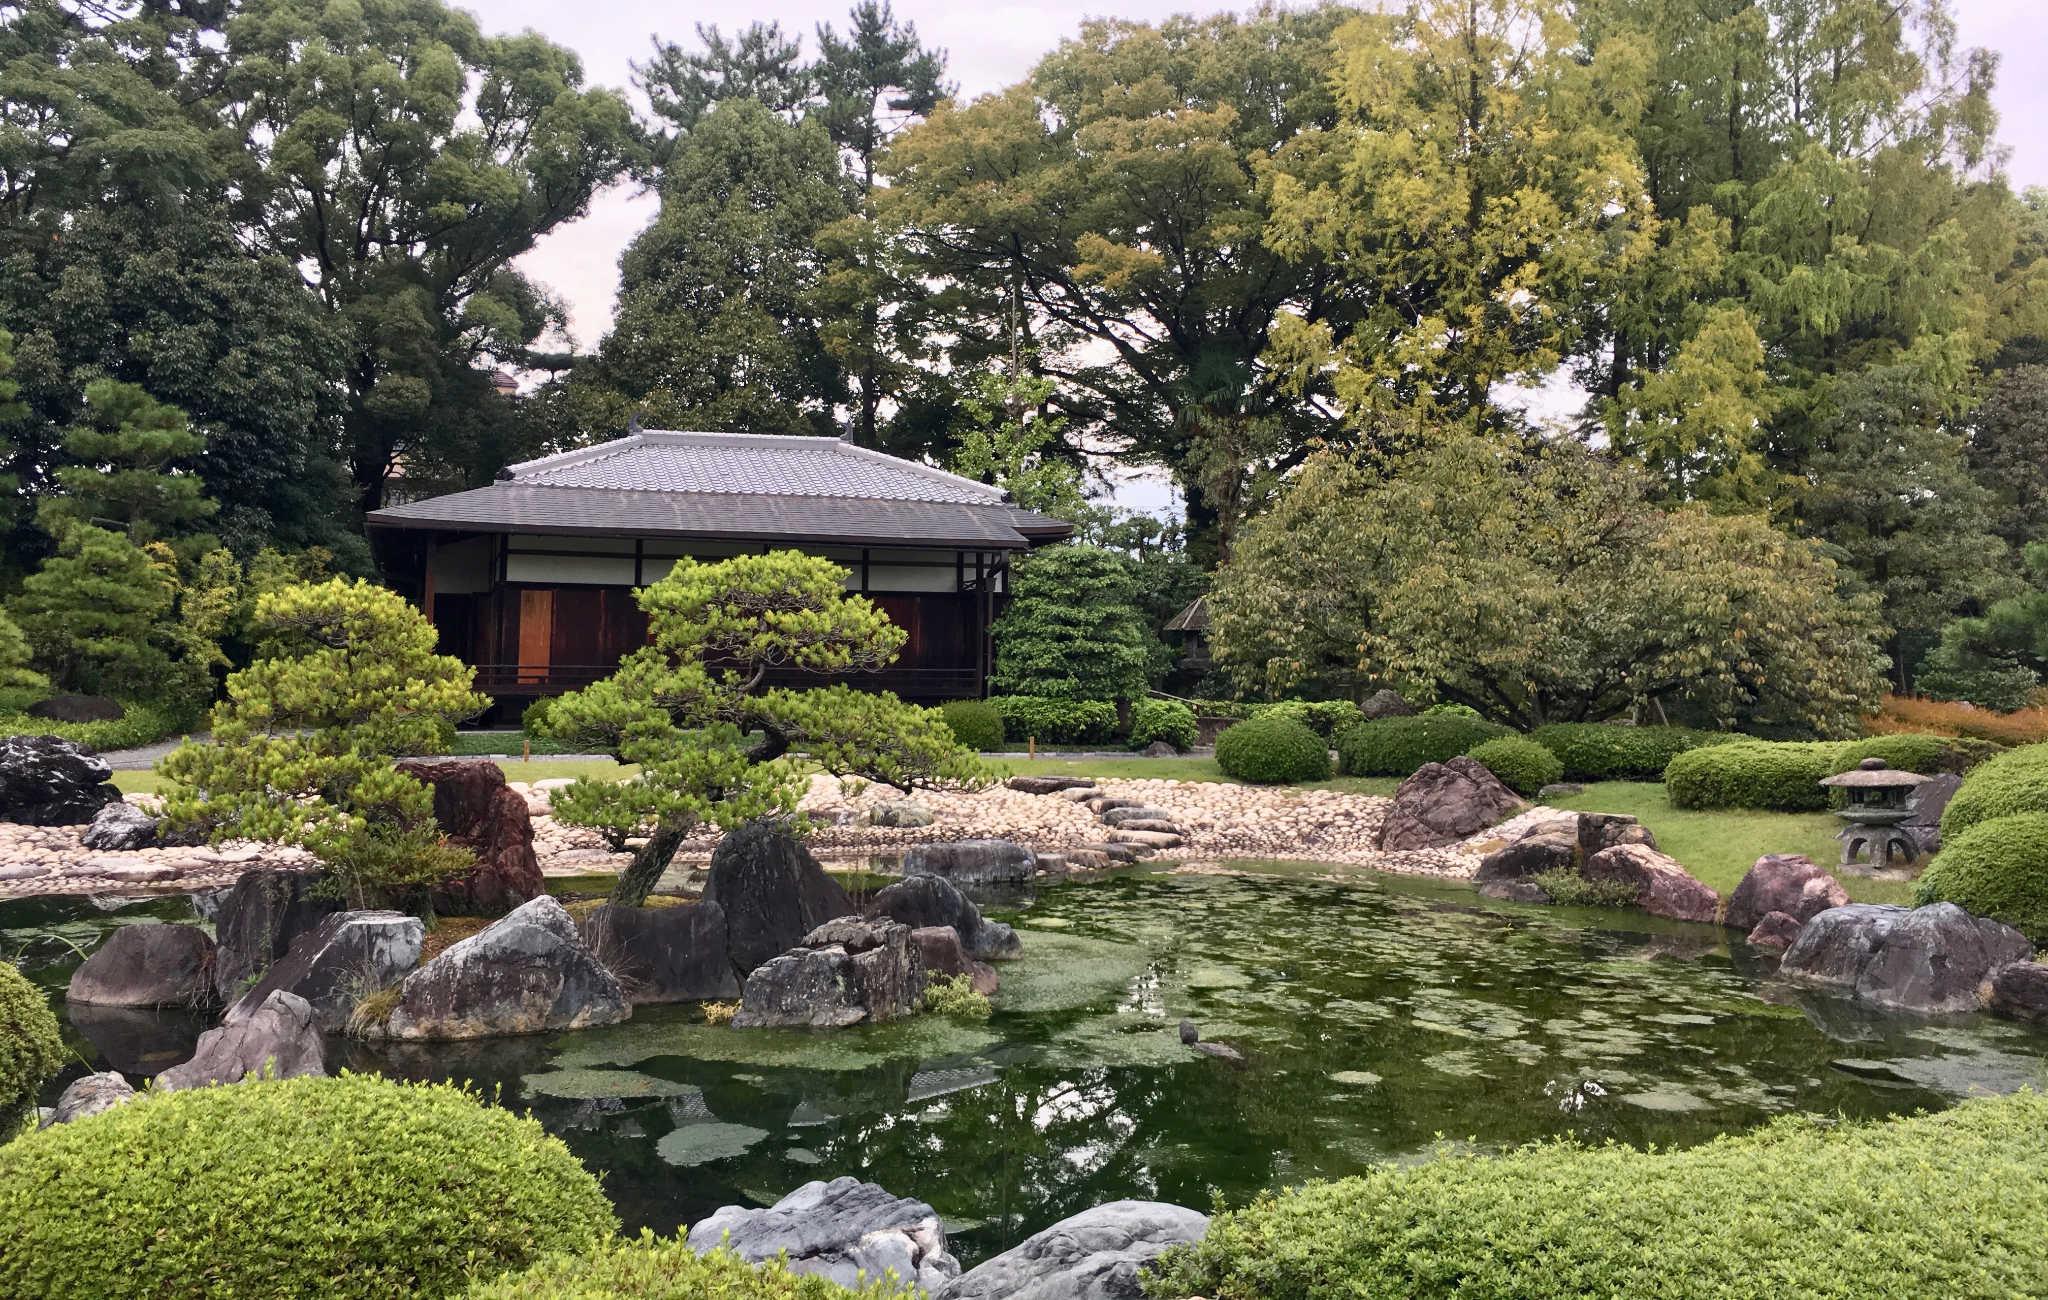 Un jardin japonais comme j'aimerai en voir souvent